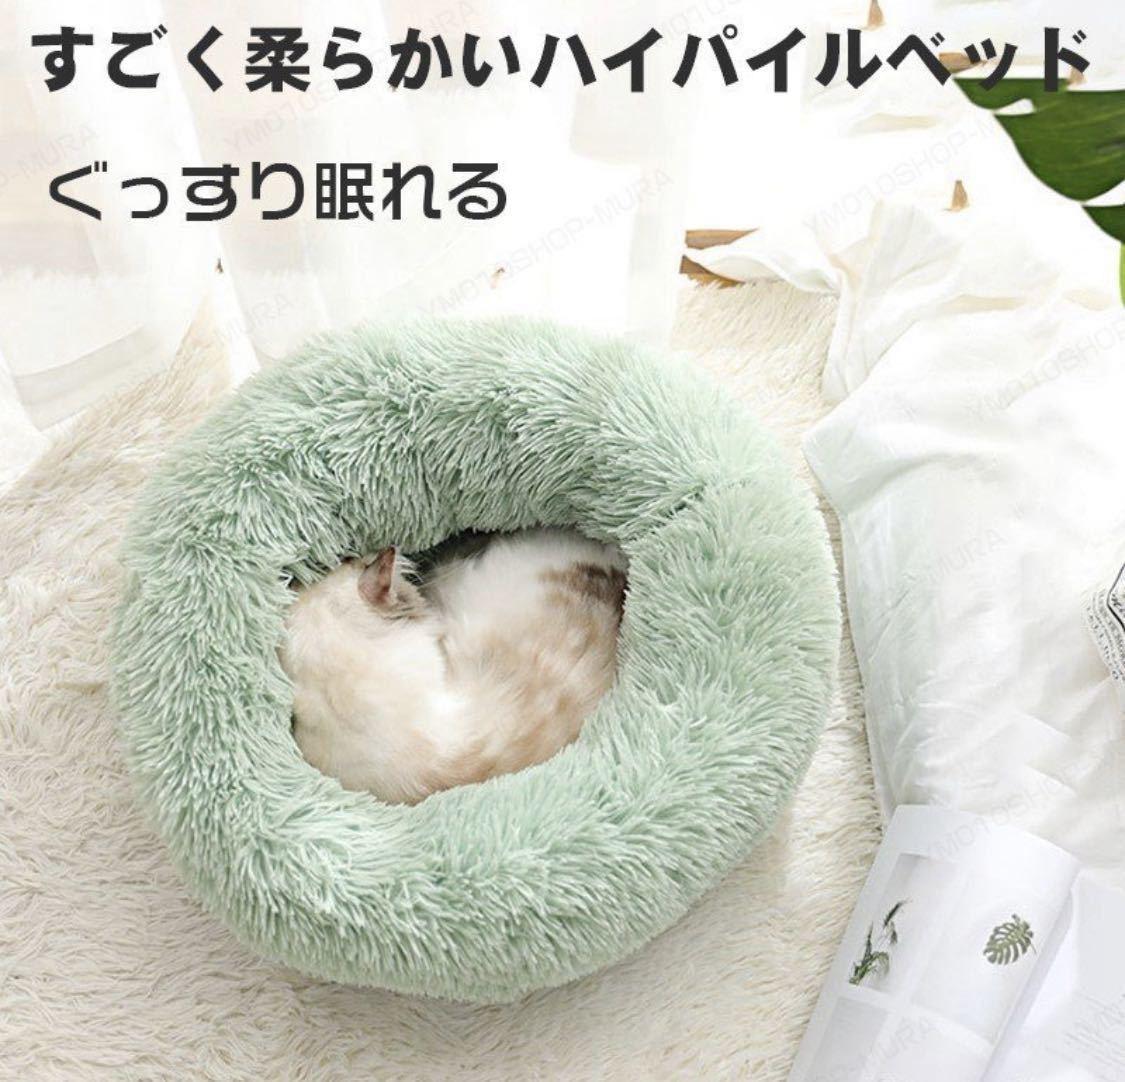 【ライトグリーン】ペット用ベッド 50cm 可愛い マット クッション ペットベッド 春 秋 冬 寝具 猫ベッド 犬ベッド 暖かい ペットハウス